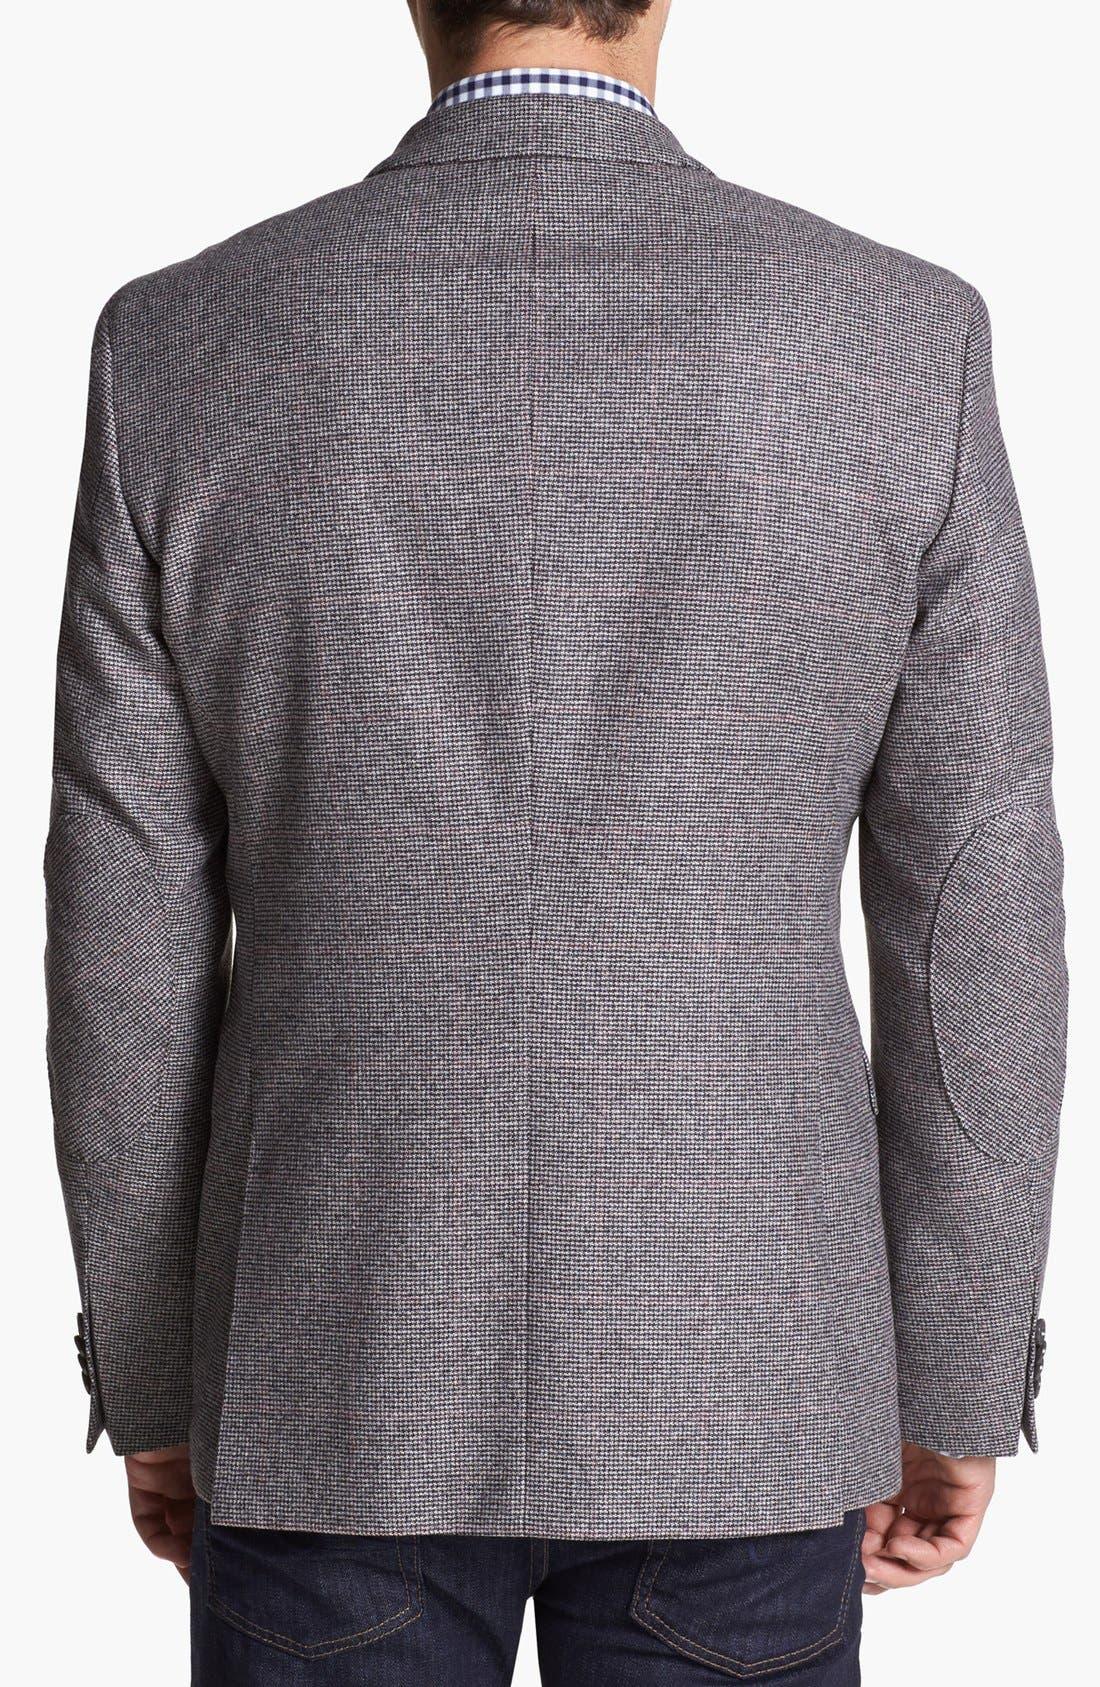 Alternate Image 3  - BOSS HUGO BOSS 'Rhett' Extra Trim Fit Sportcoat